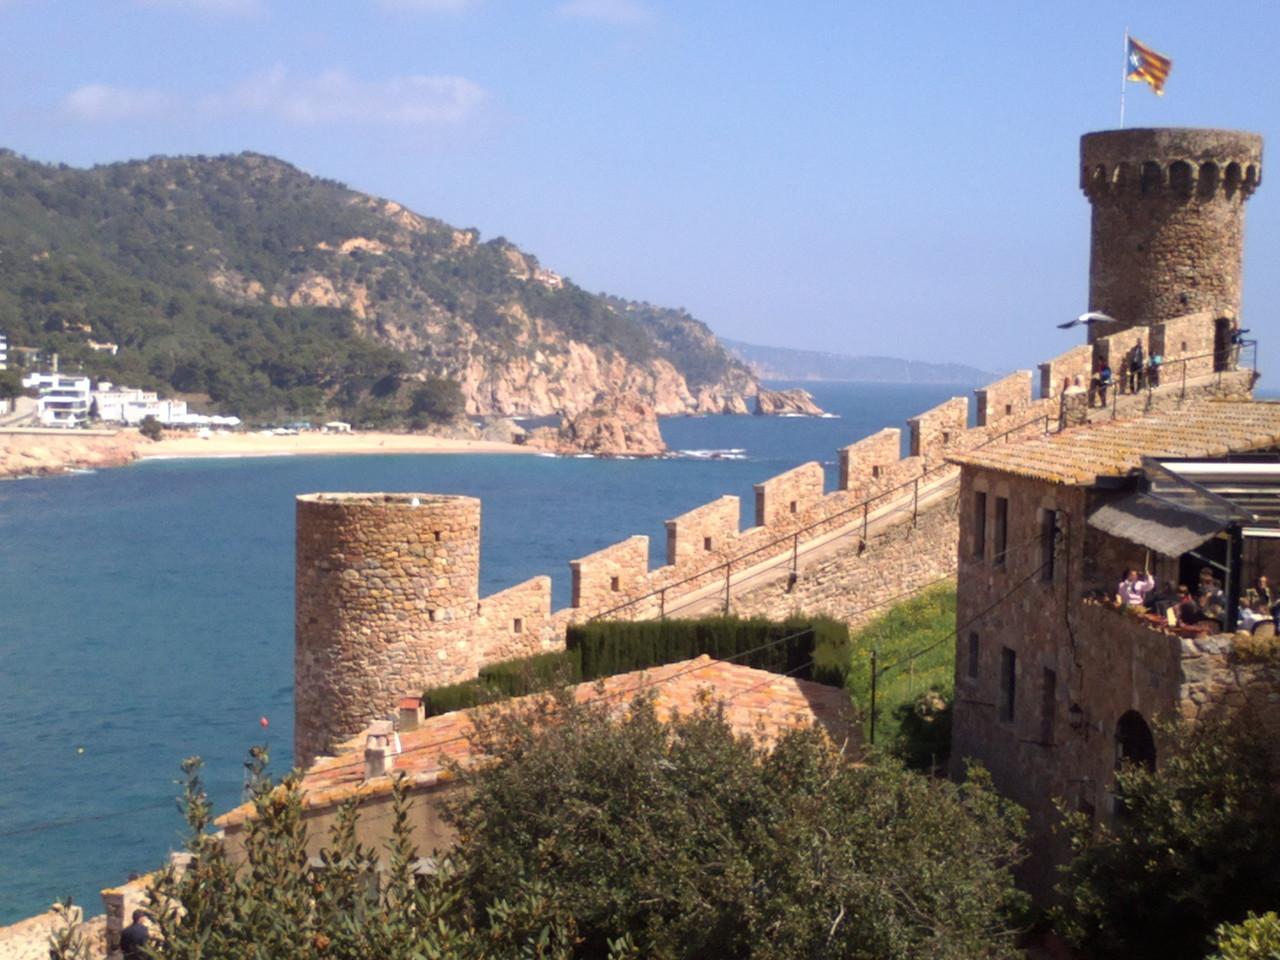 Casa de vacaciones con piscina en Tossa de Mar, vistas desde el castillo